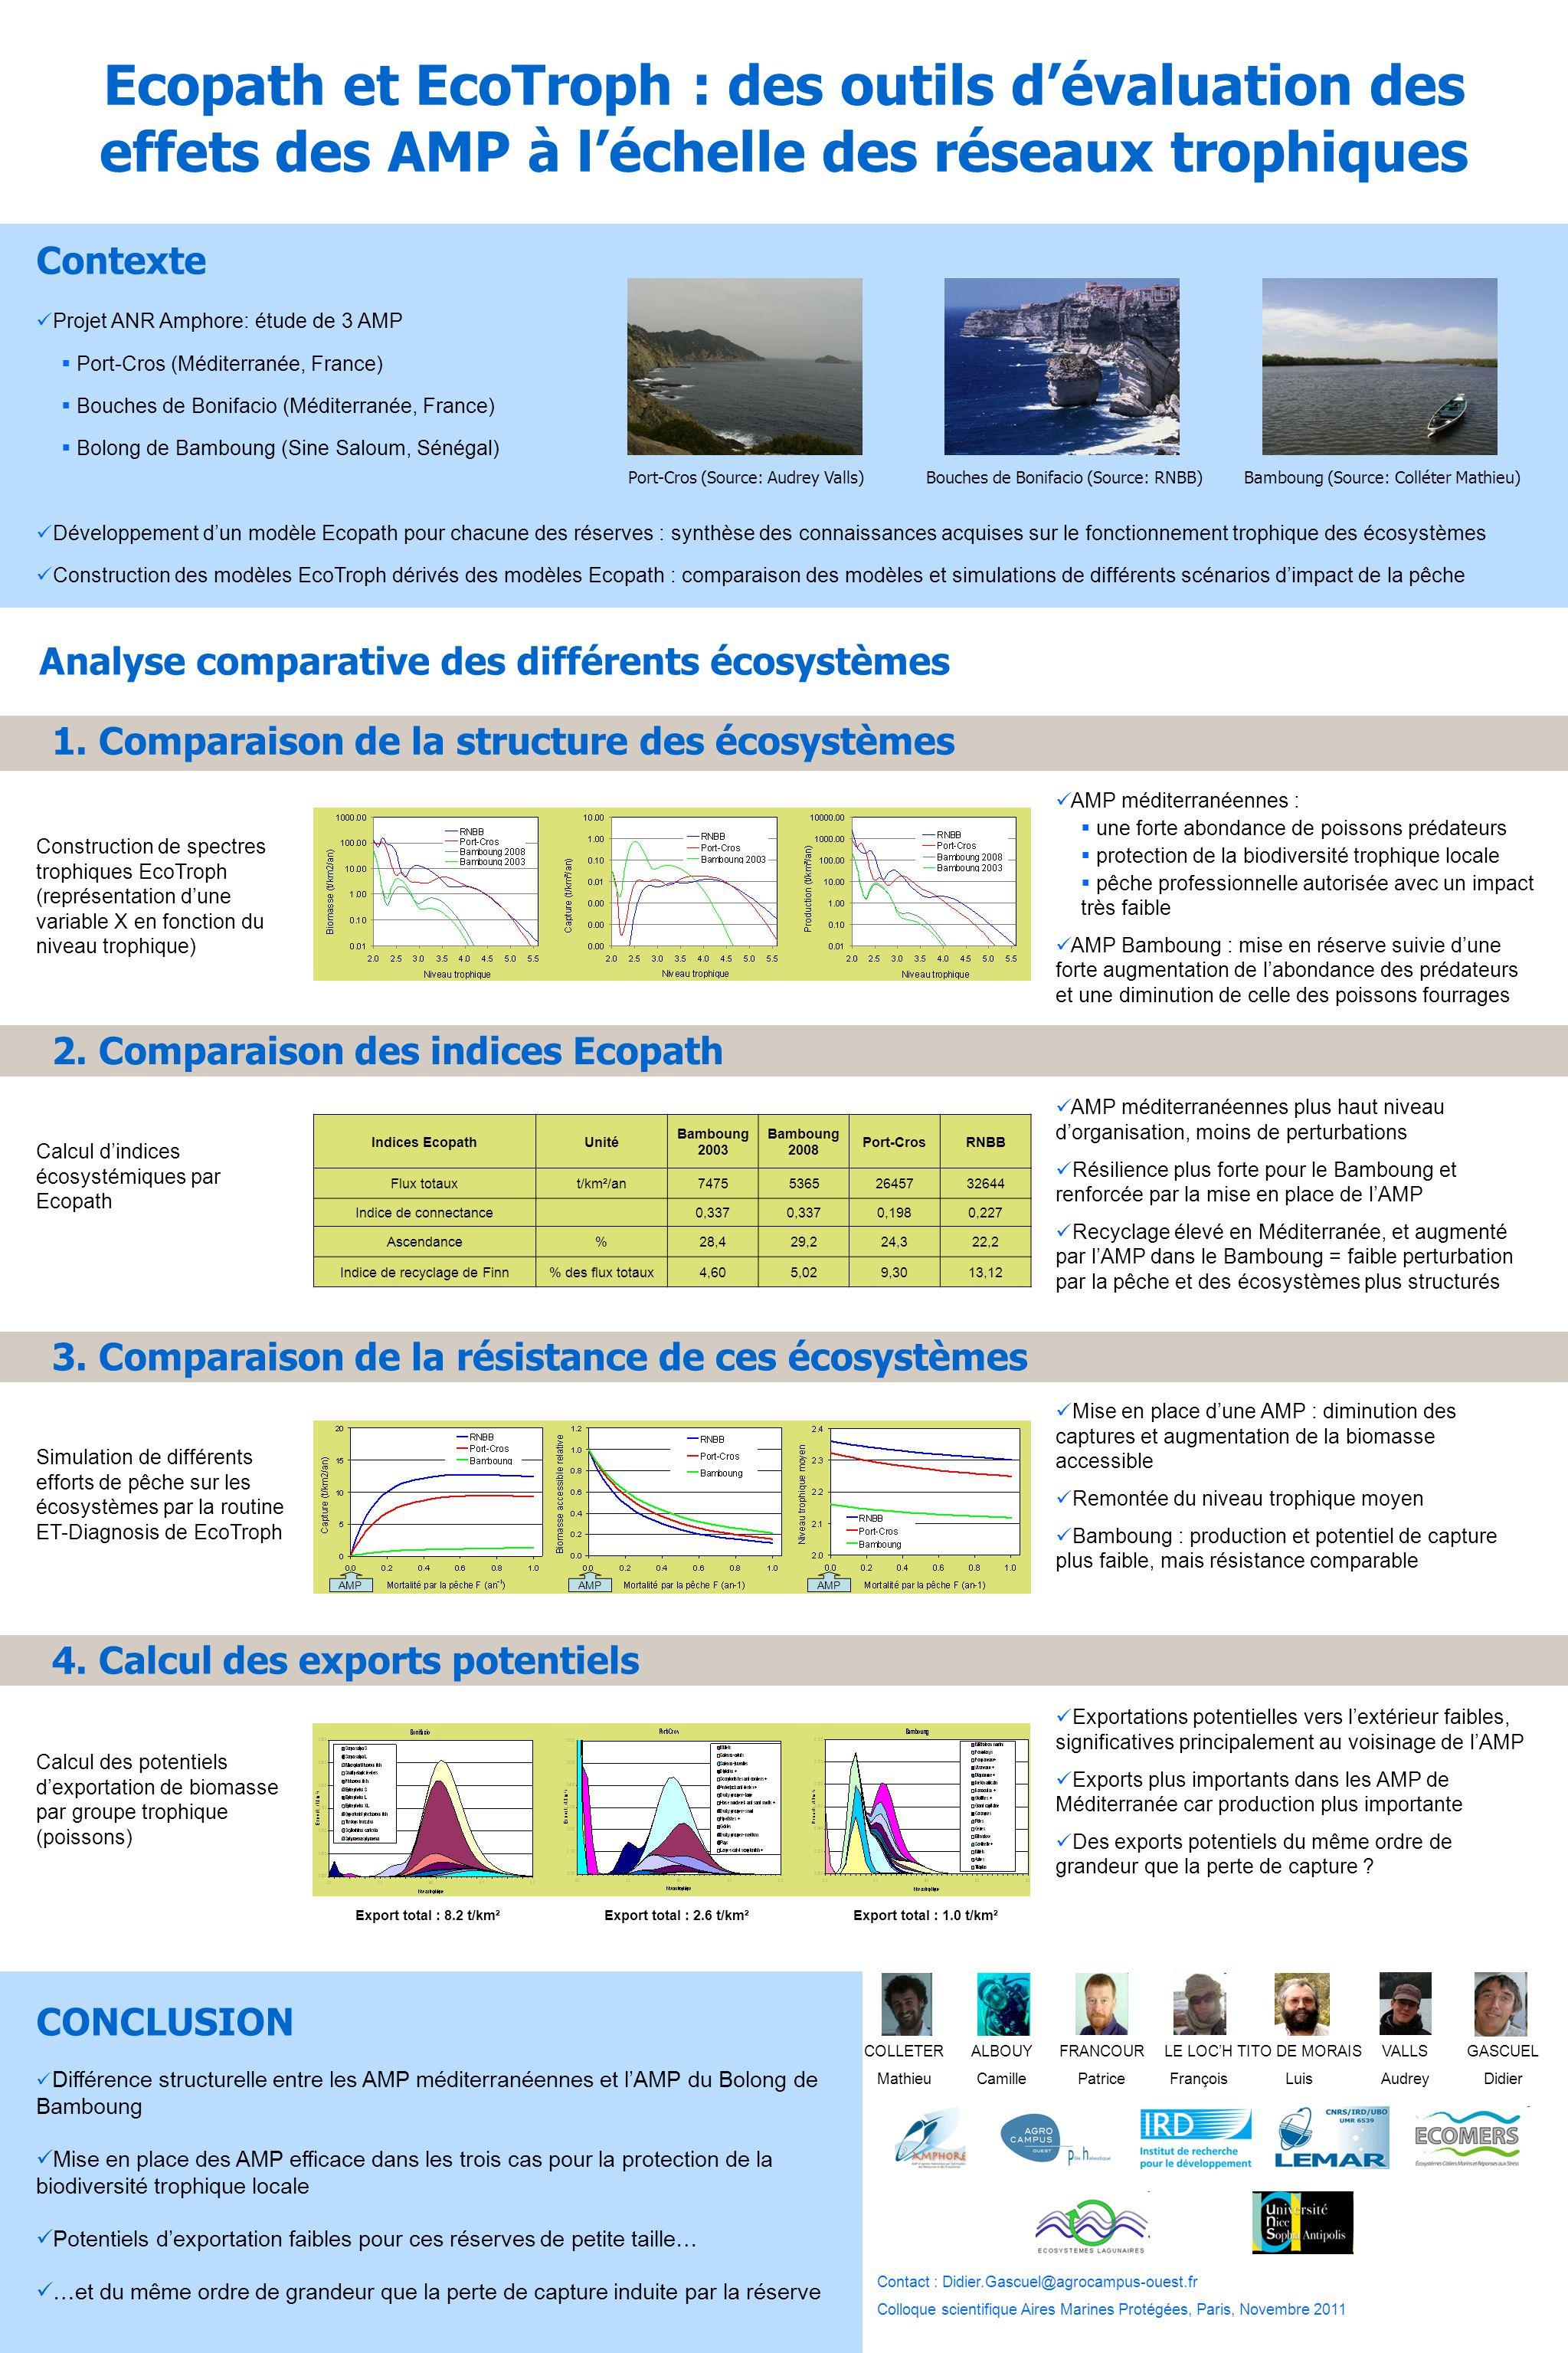 Ecopath et EcoTroph : des outils d'évaluation des effets des AMP à l'échelle des réseaux trophiques